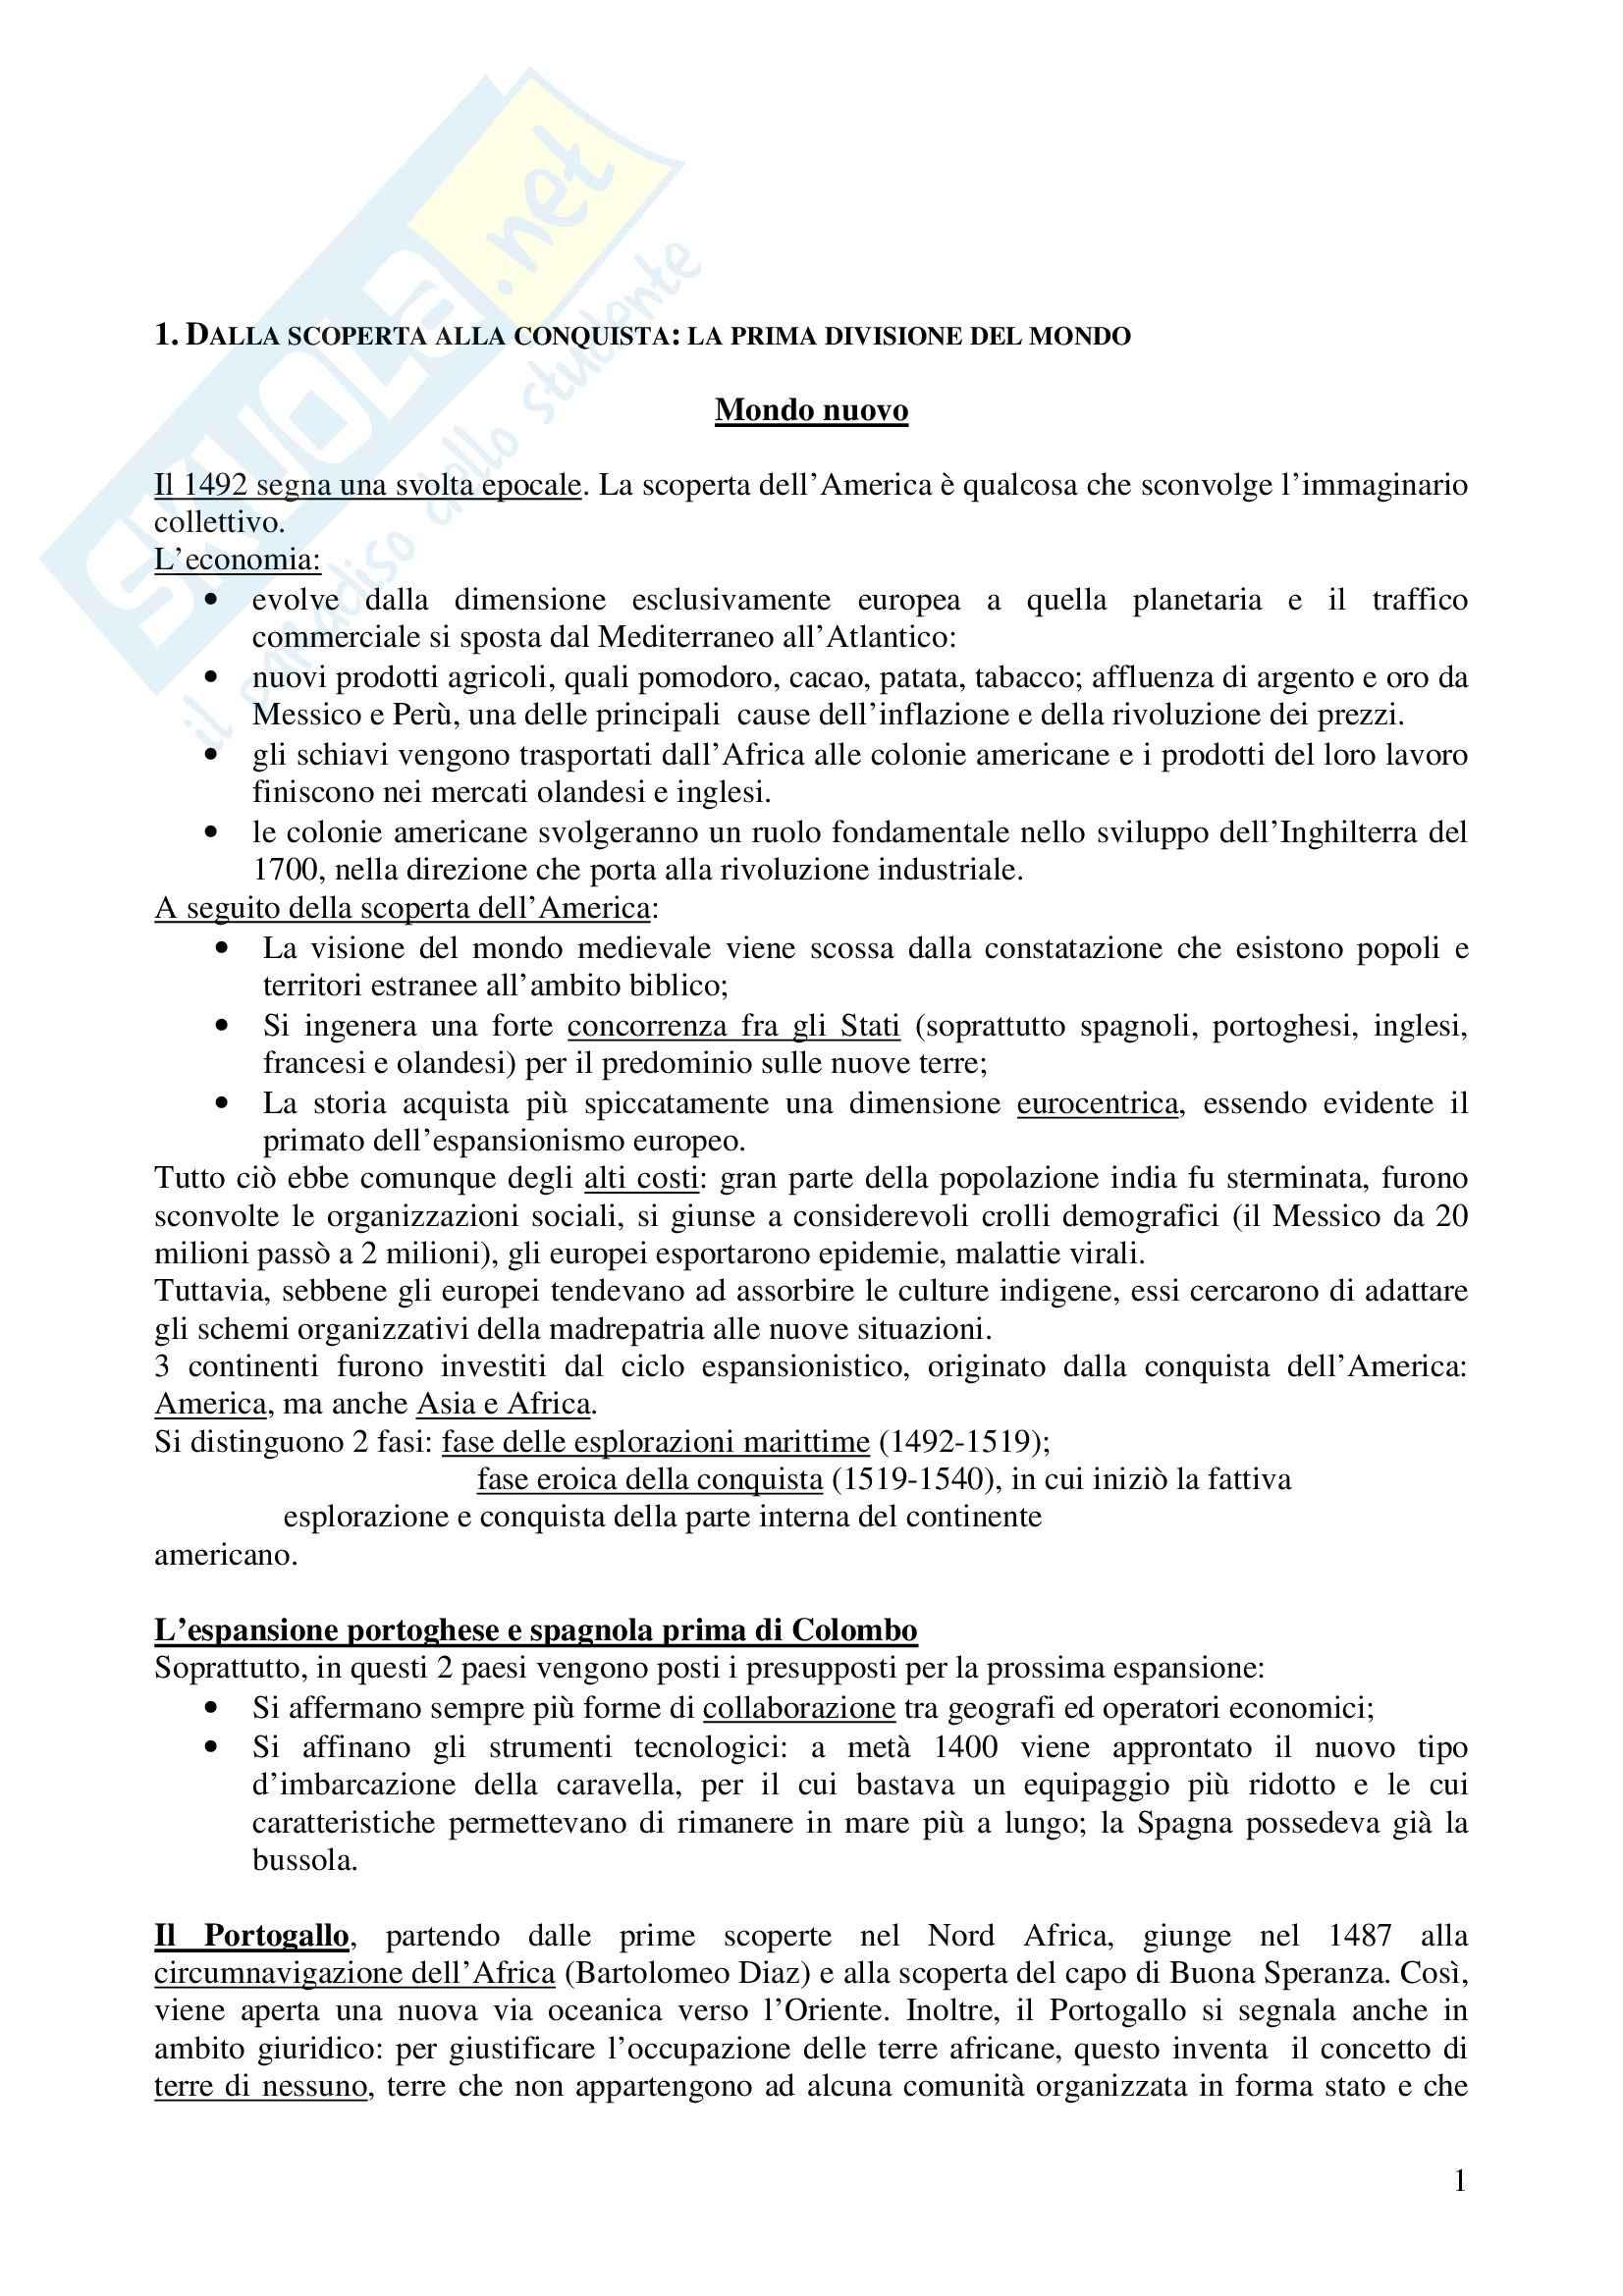 Riassunto esame Storia, prof. Cancila, libro consigliato Storia moderna, Musi